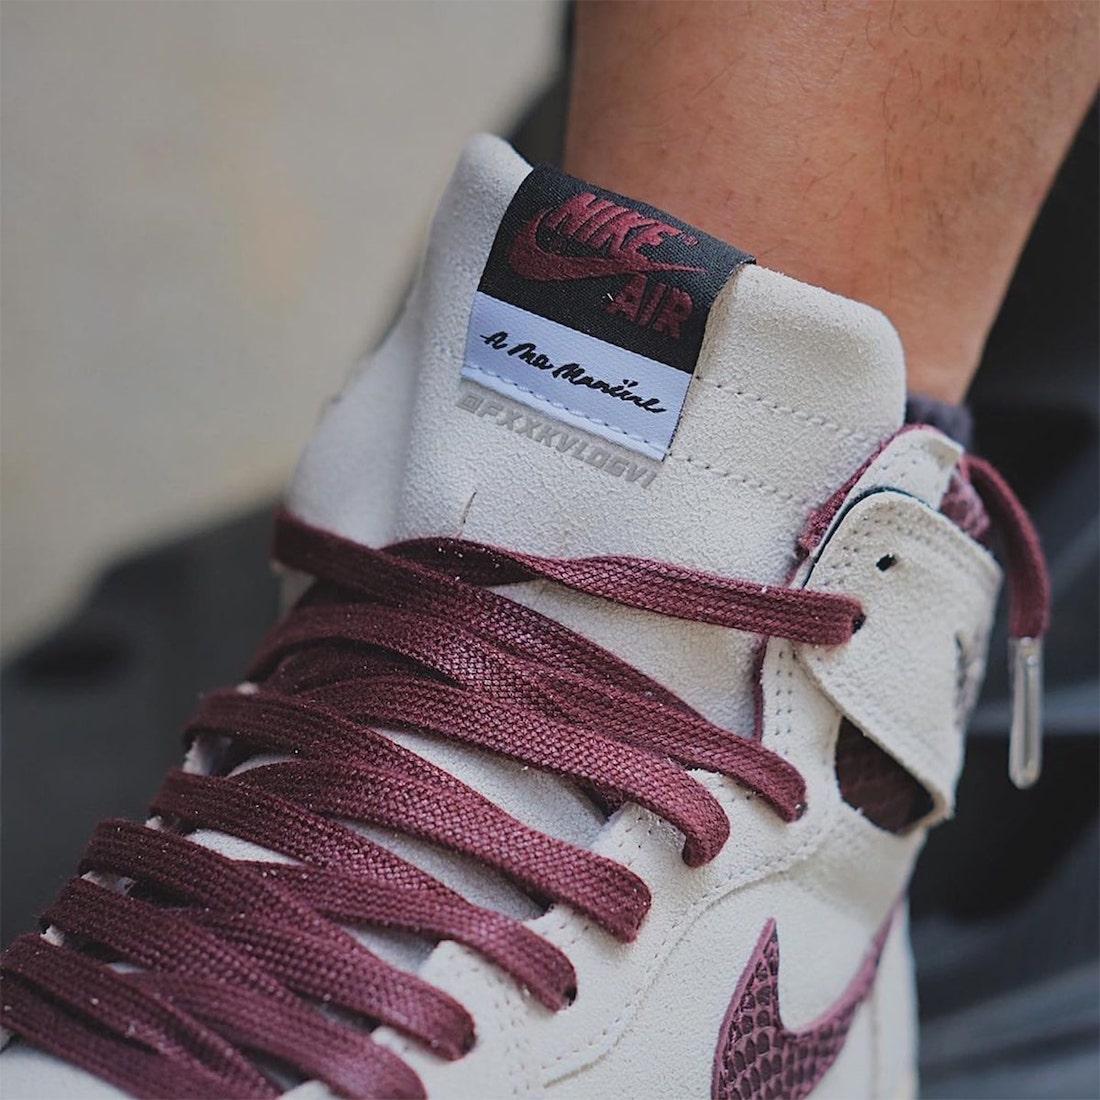 A Ma Maniere Air Jordan 1 Release Date Info